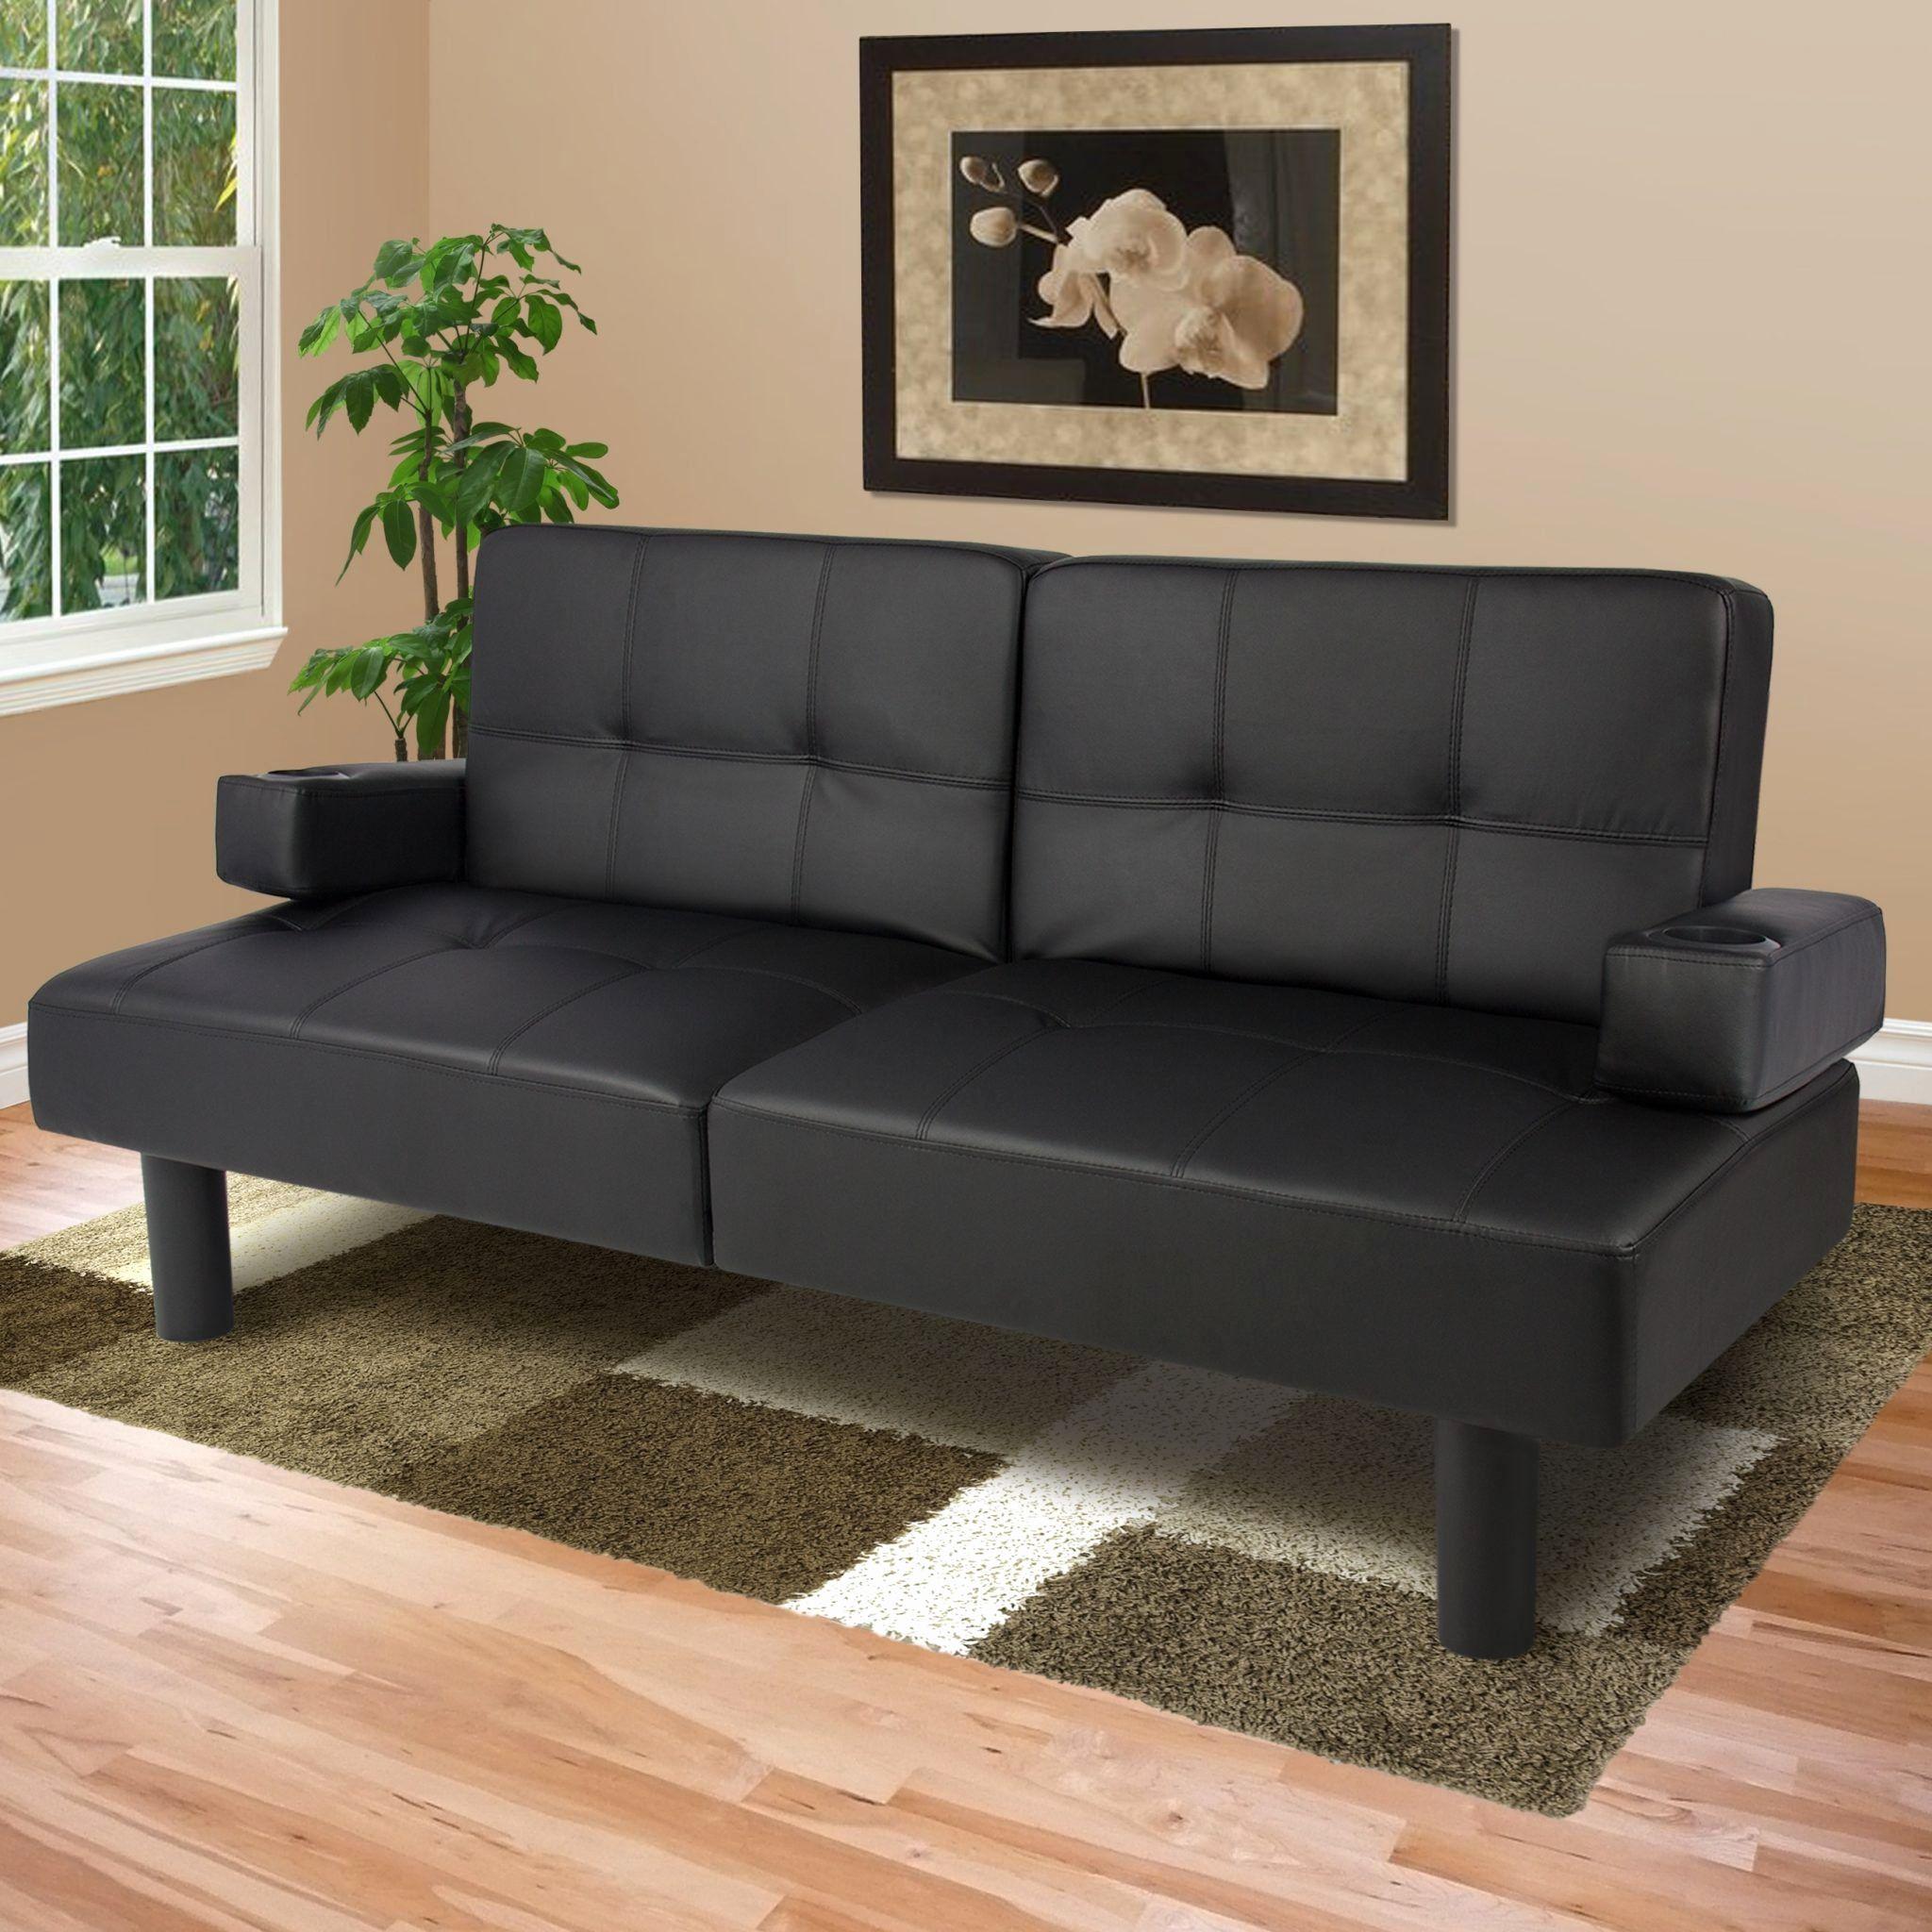 Replacement Sleeper Sofa Mattress: Best Sleeper Sofa Mattress Replacement Photograpy Best